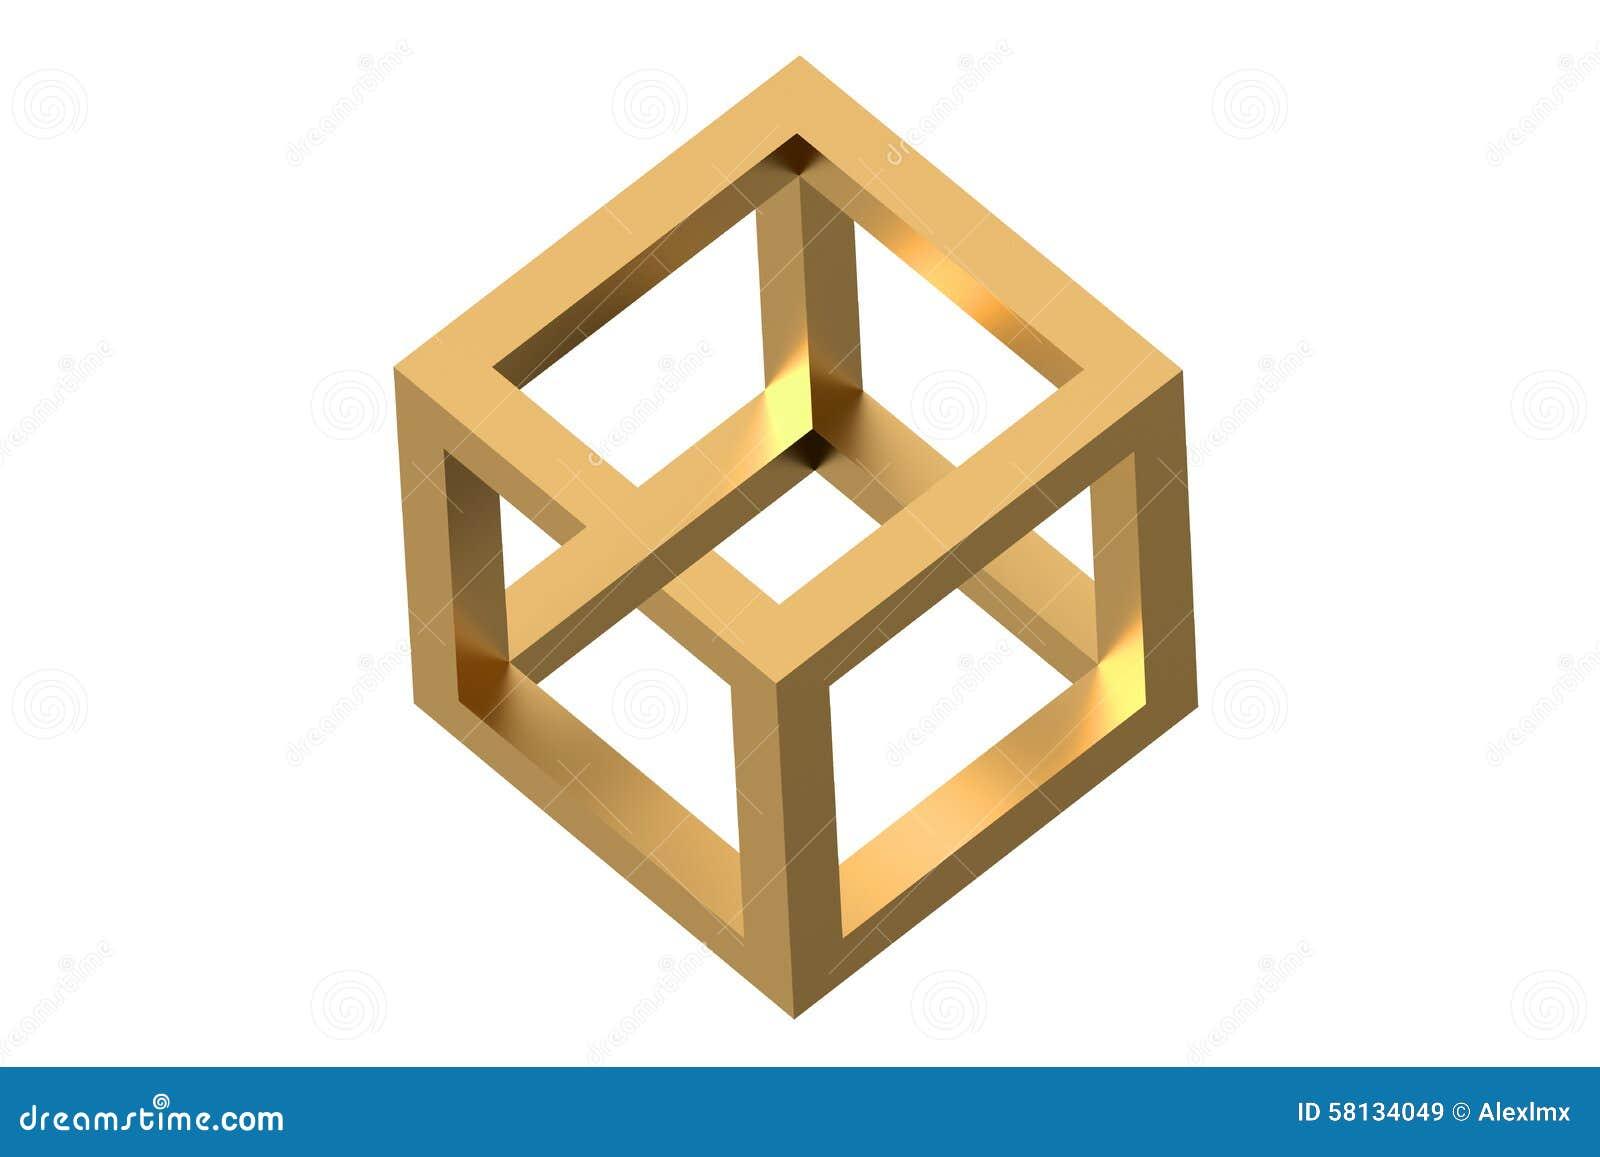 Onmogelijke kubusoptische illusie